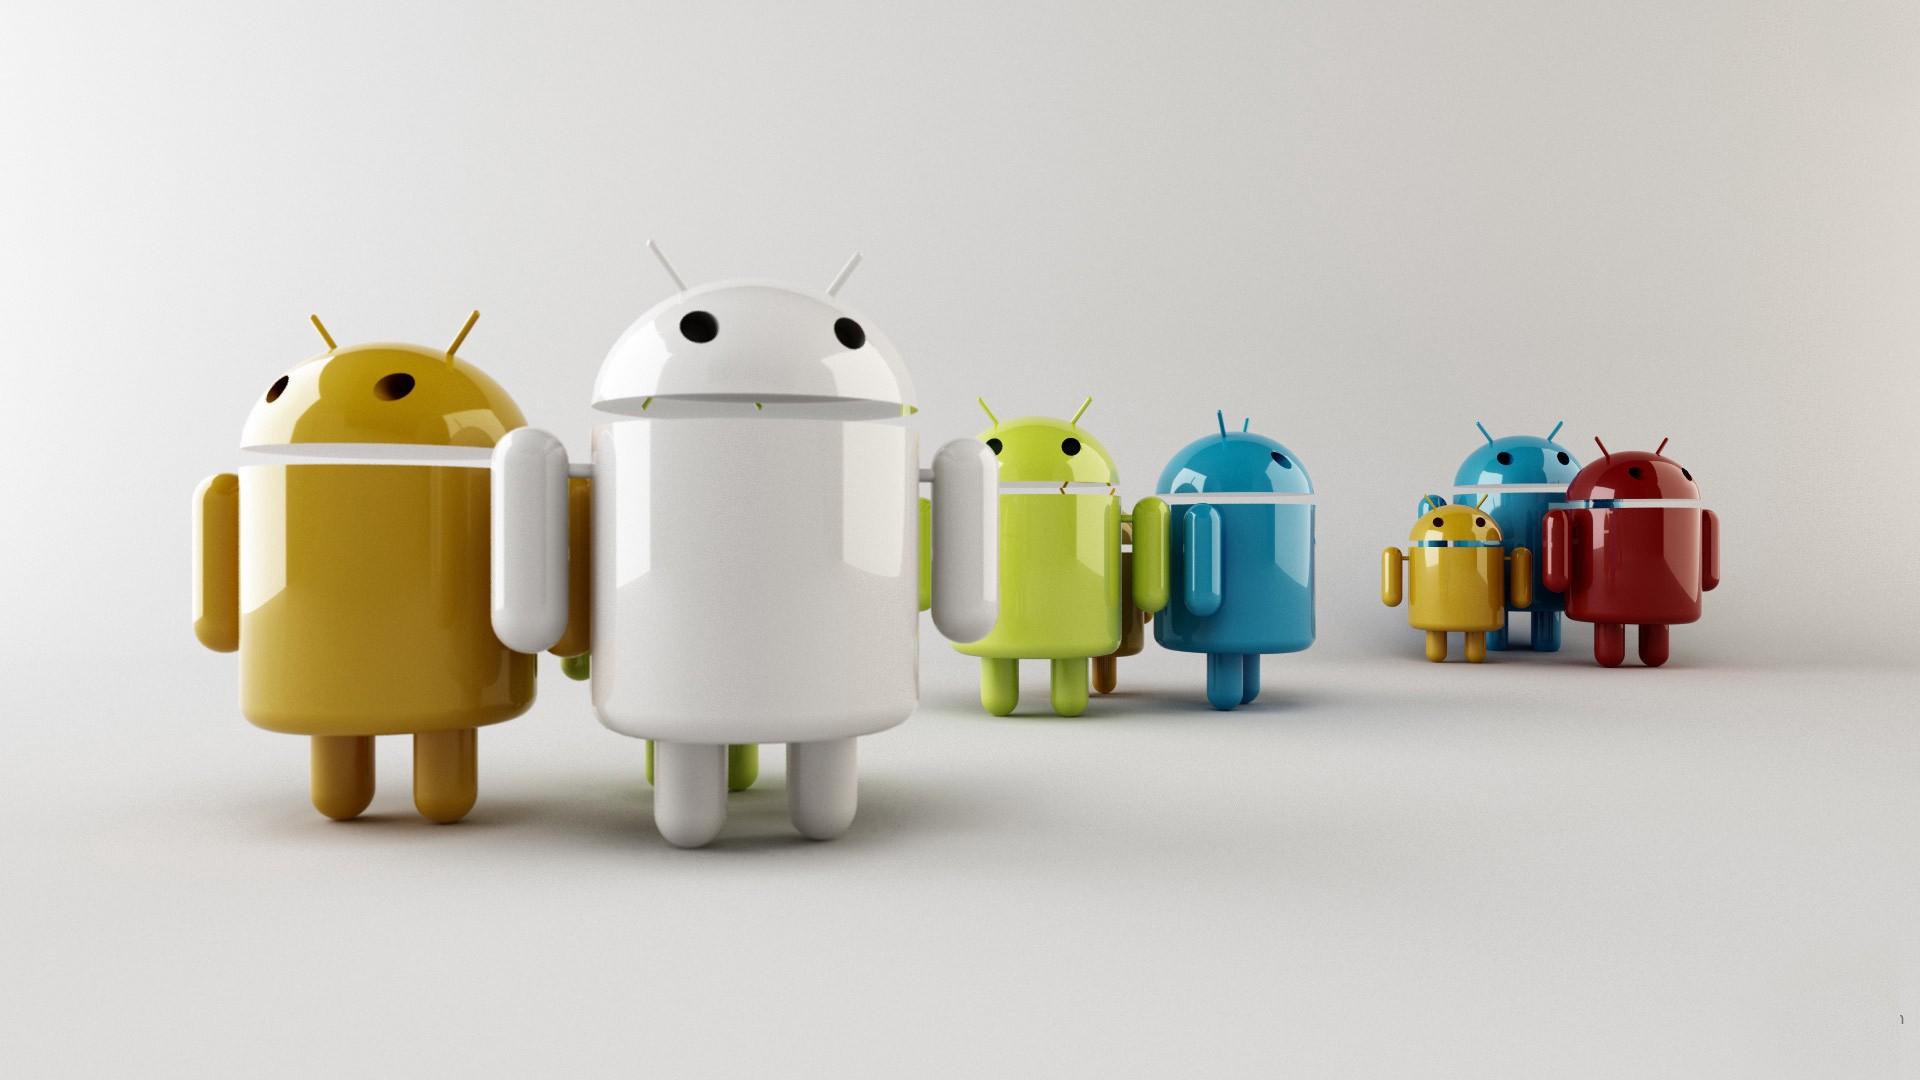 sejarah android perjalanan - rio bermano